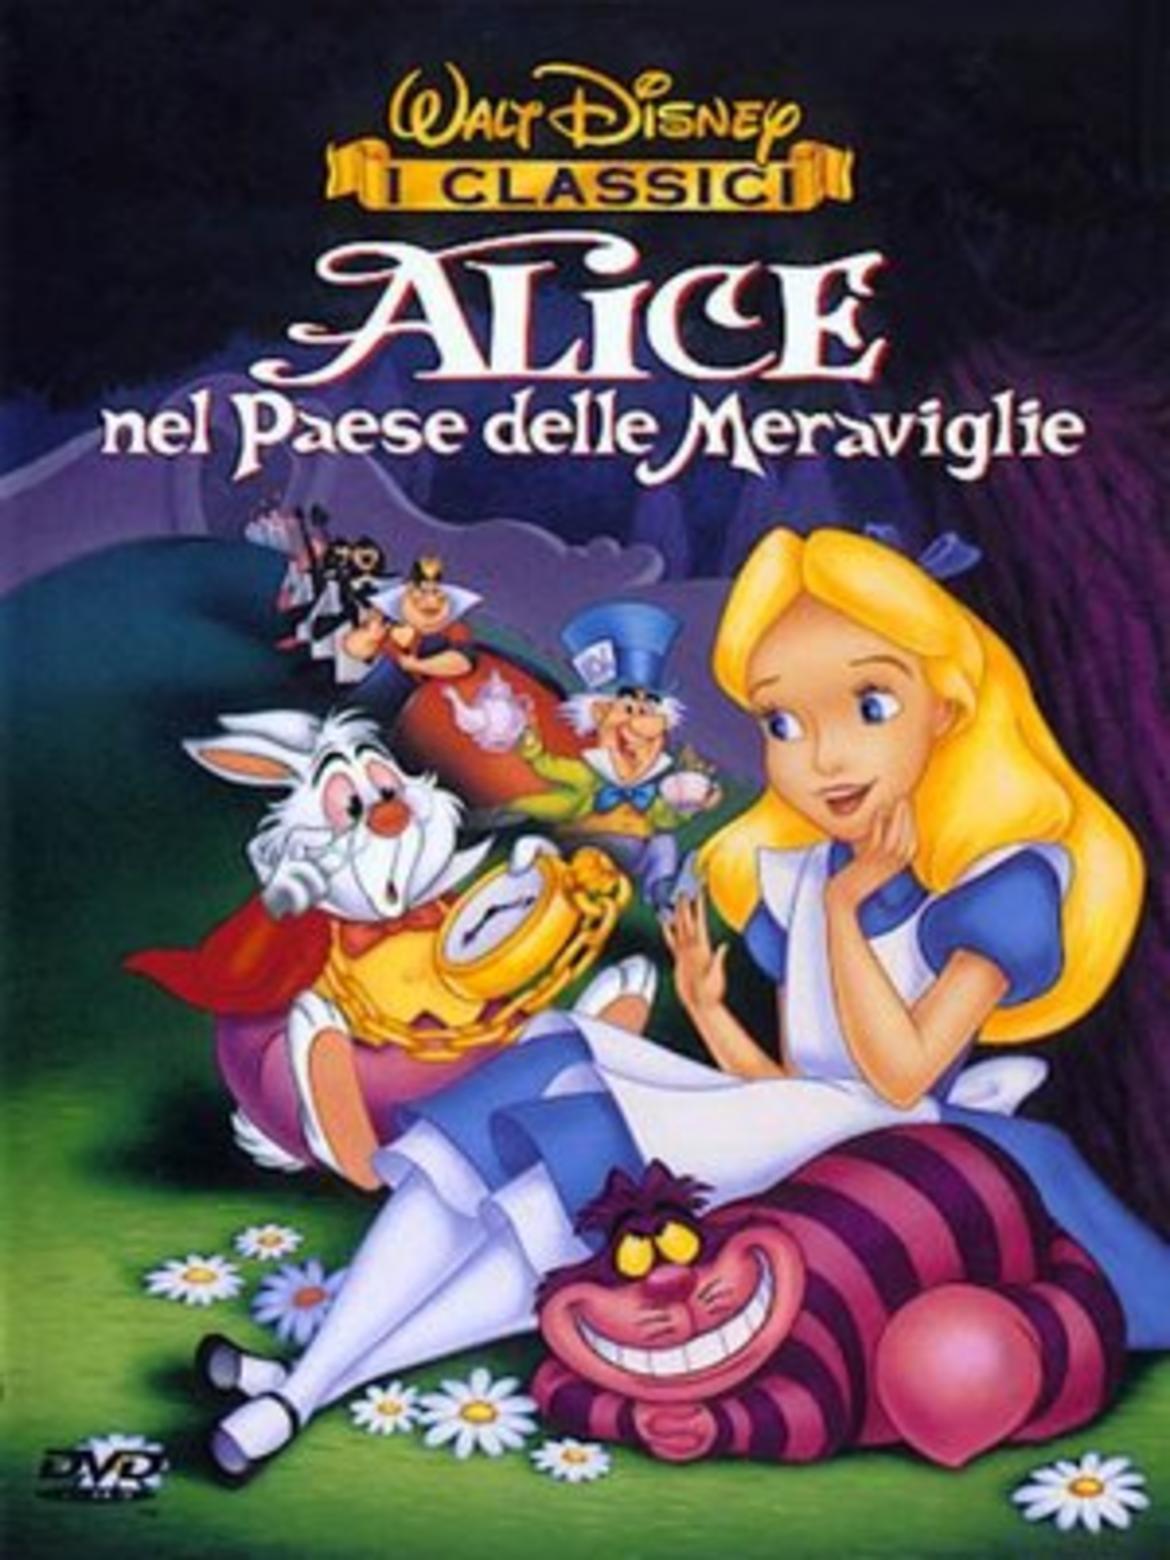 Alice nel paese delle meraviglie trentino cultura